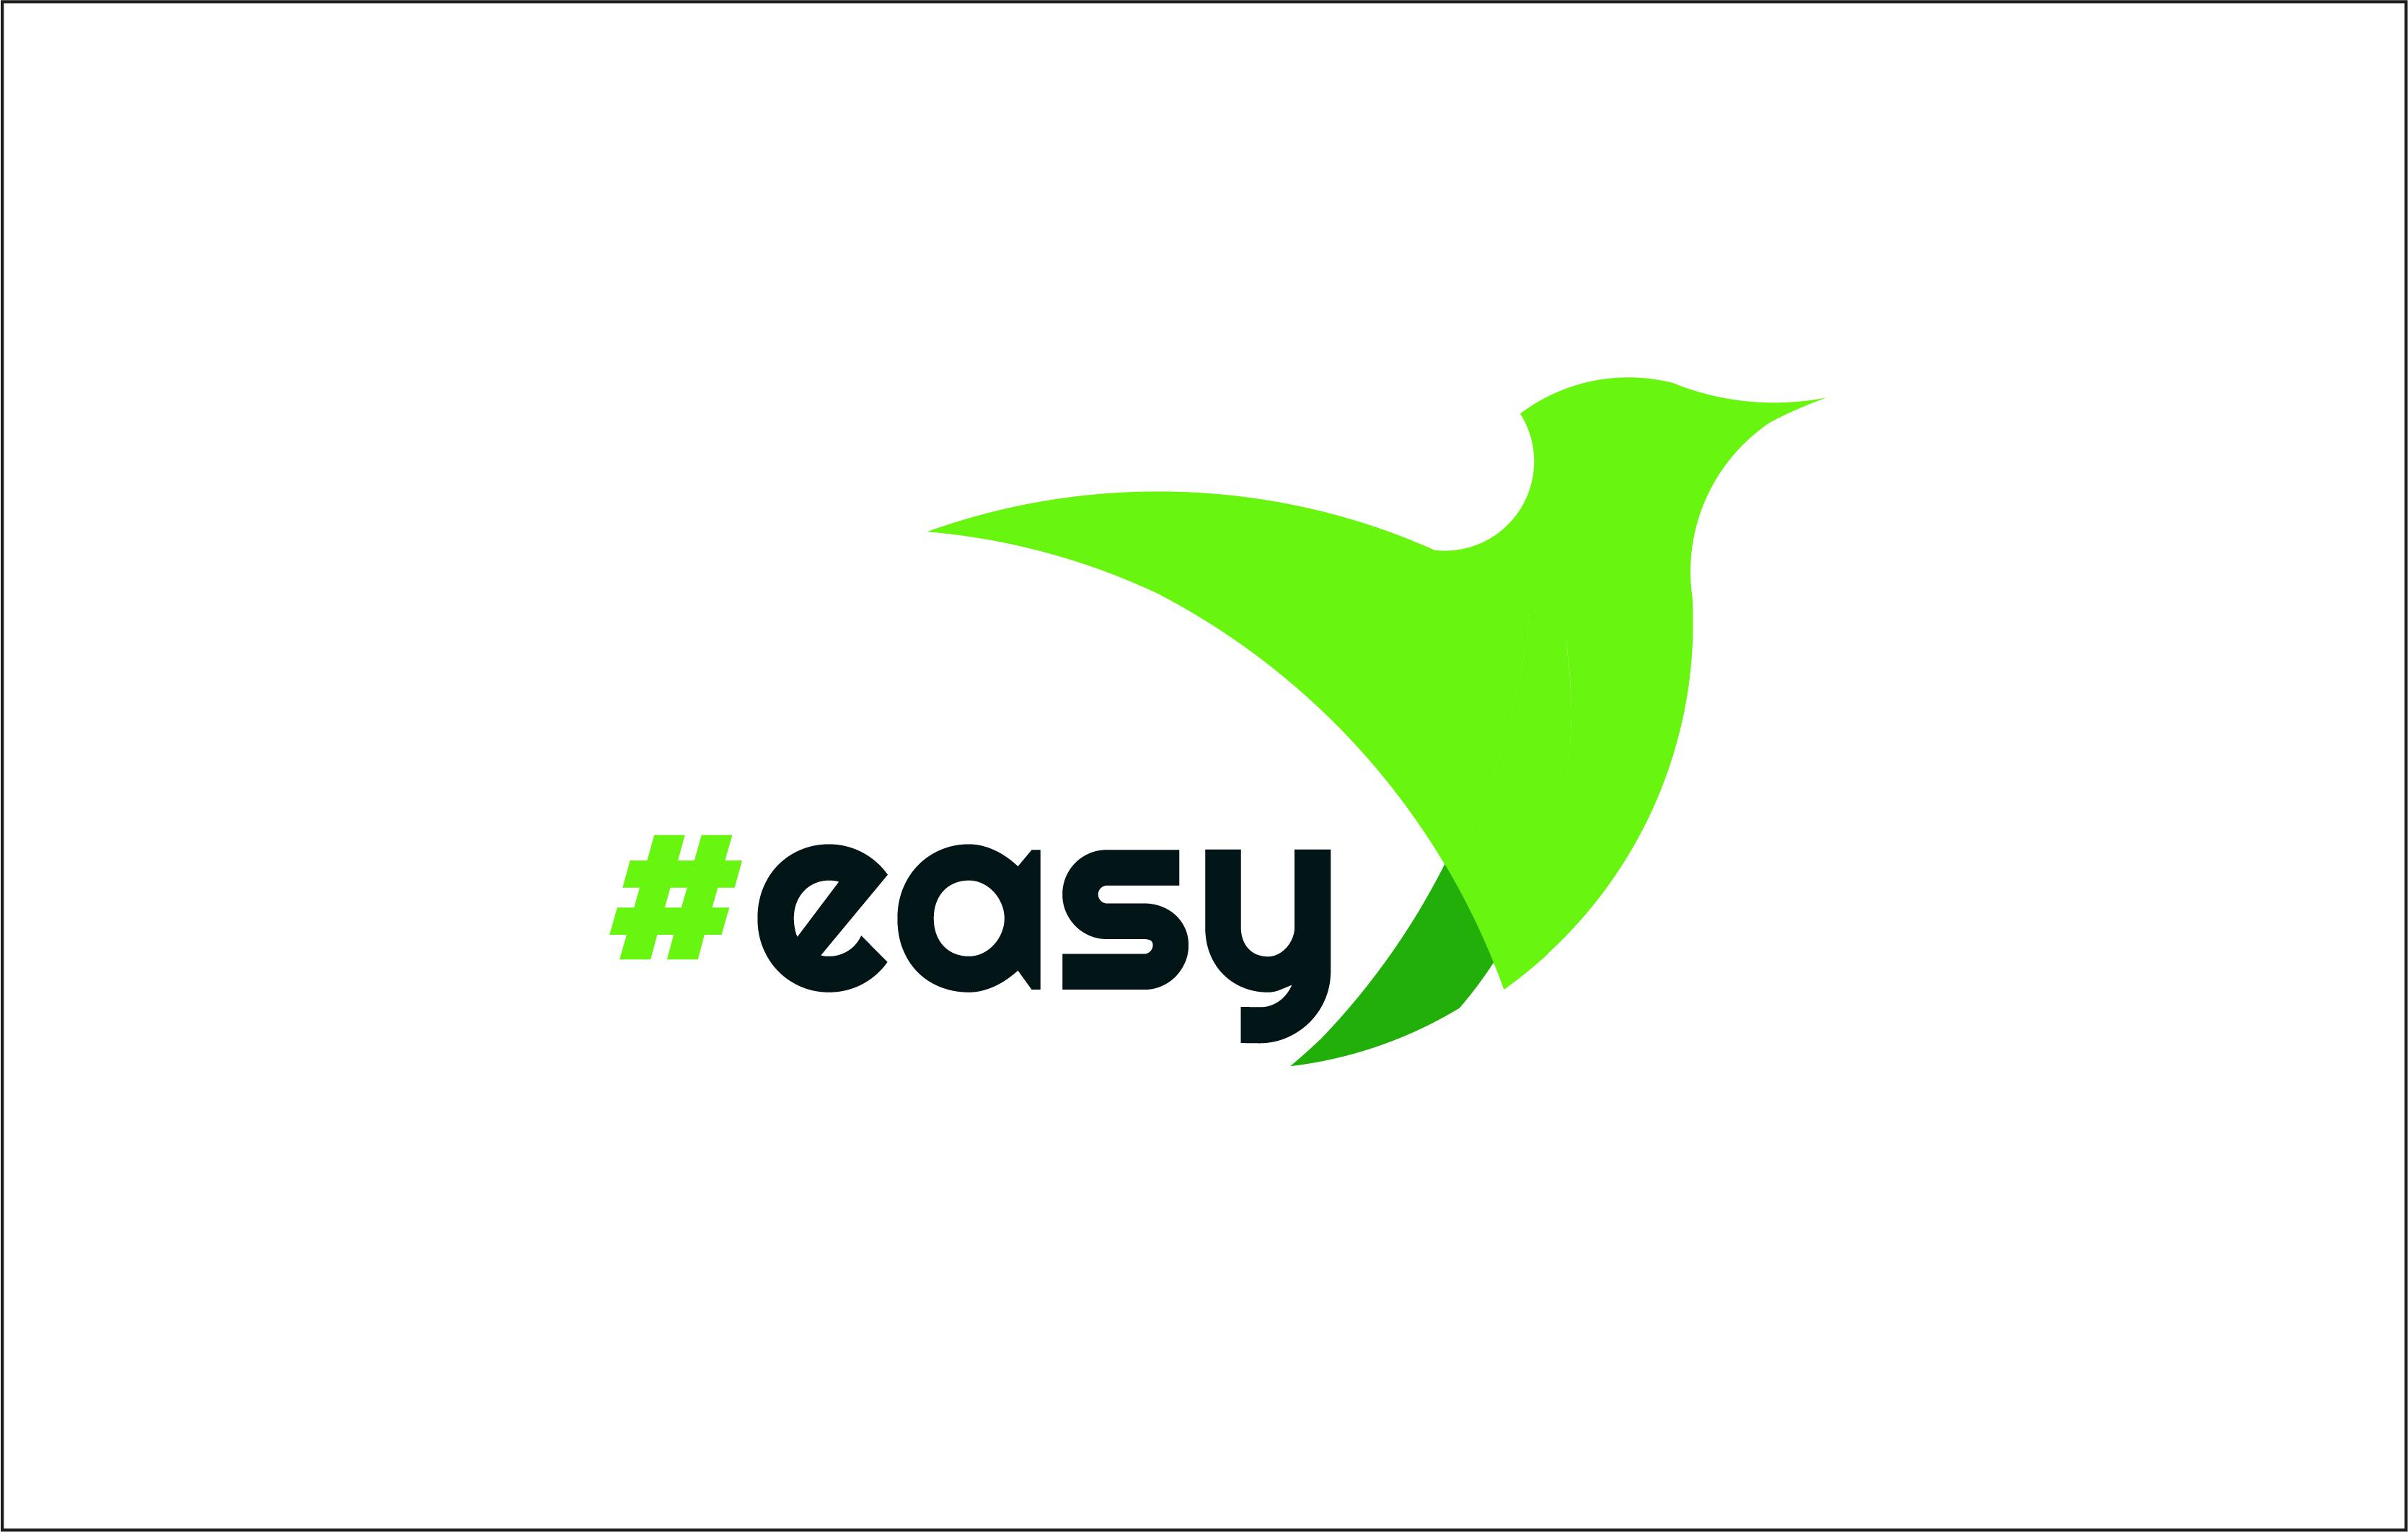 Разработка логотипа в виде хэштега #easy с зеленой колибри  фото f_4605d4f548377505.jpg